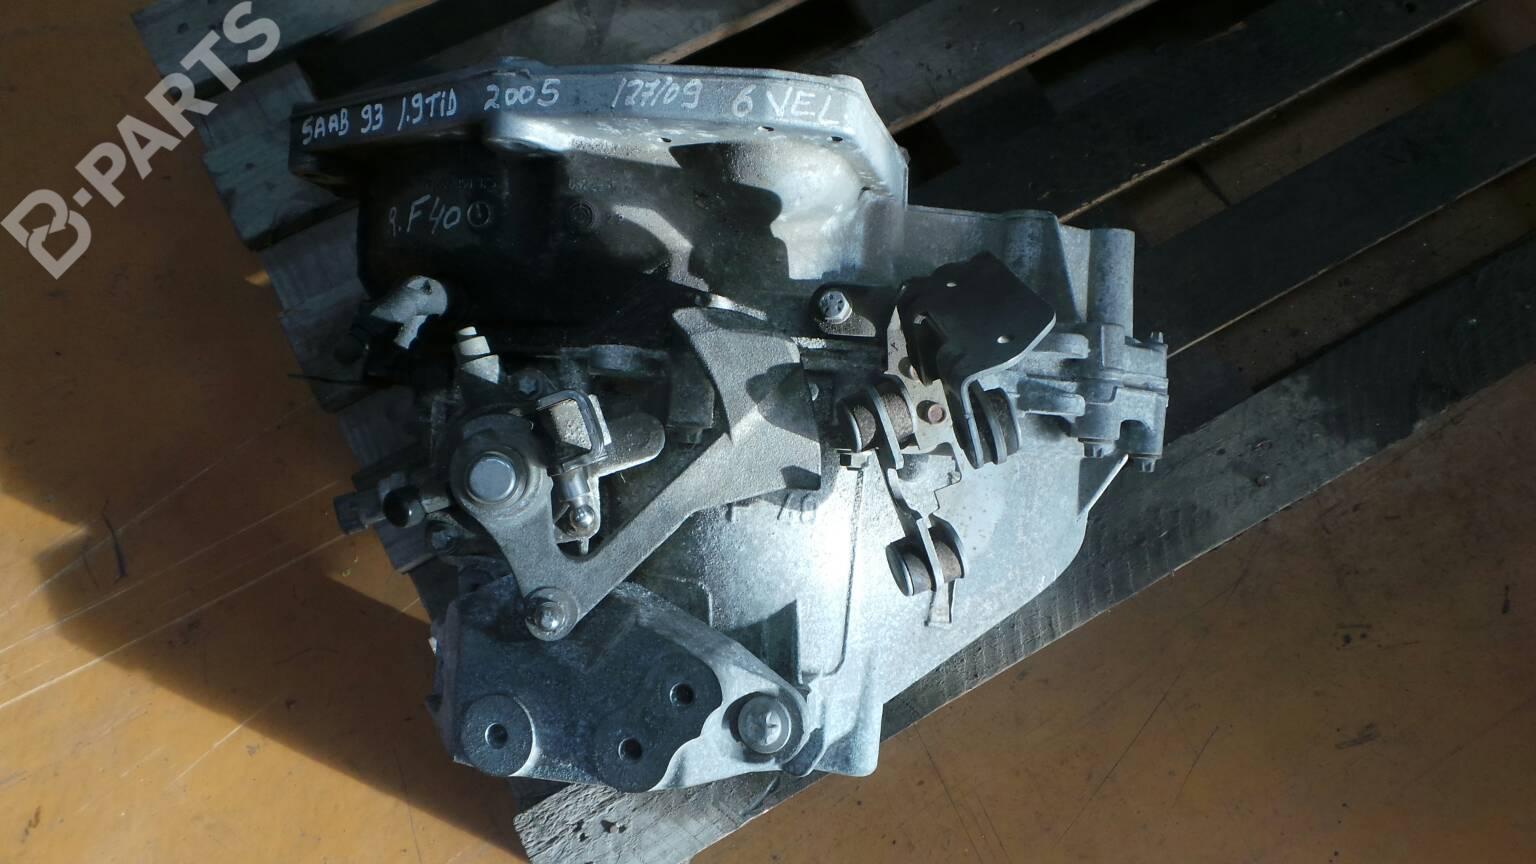 Manual Gearbox Saab 9 3 Ys3f 19 Tid 28359 2007 Engine Diagram F40 120hp